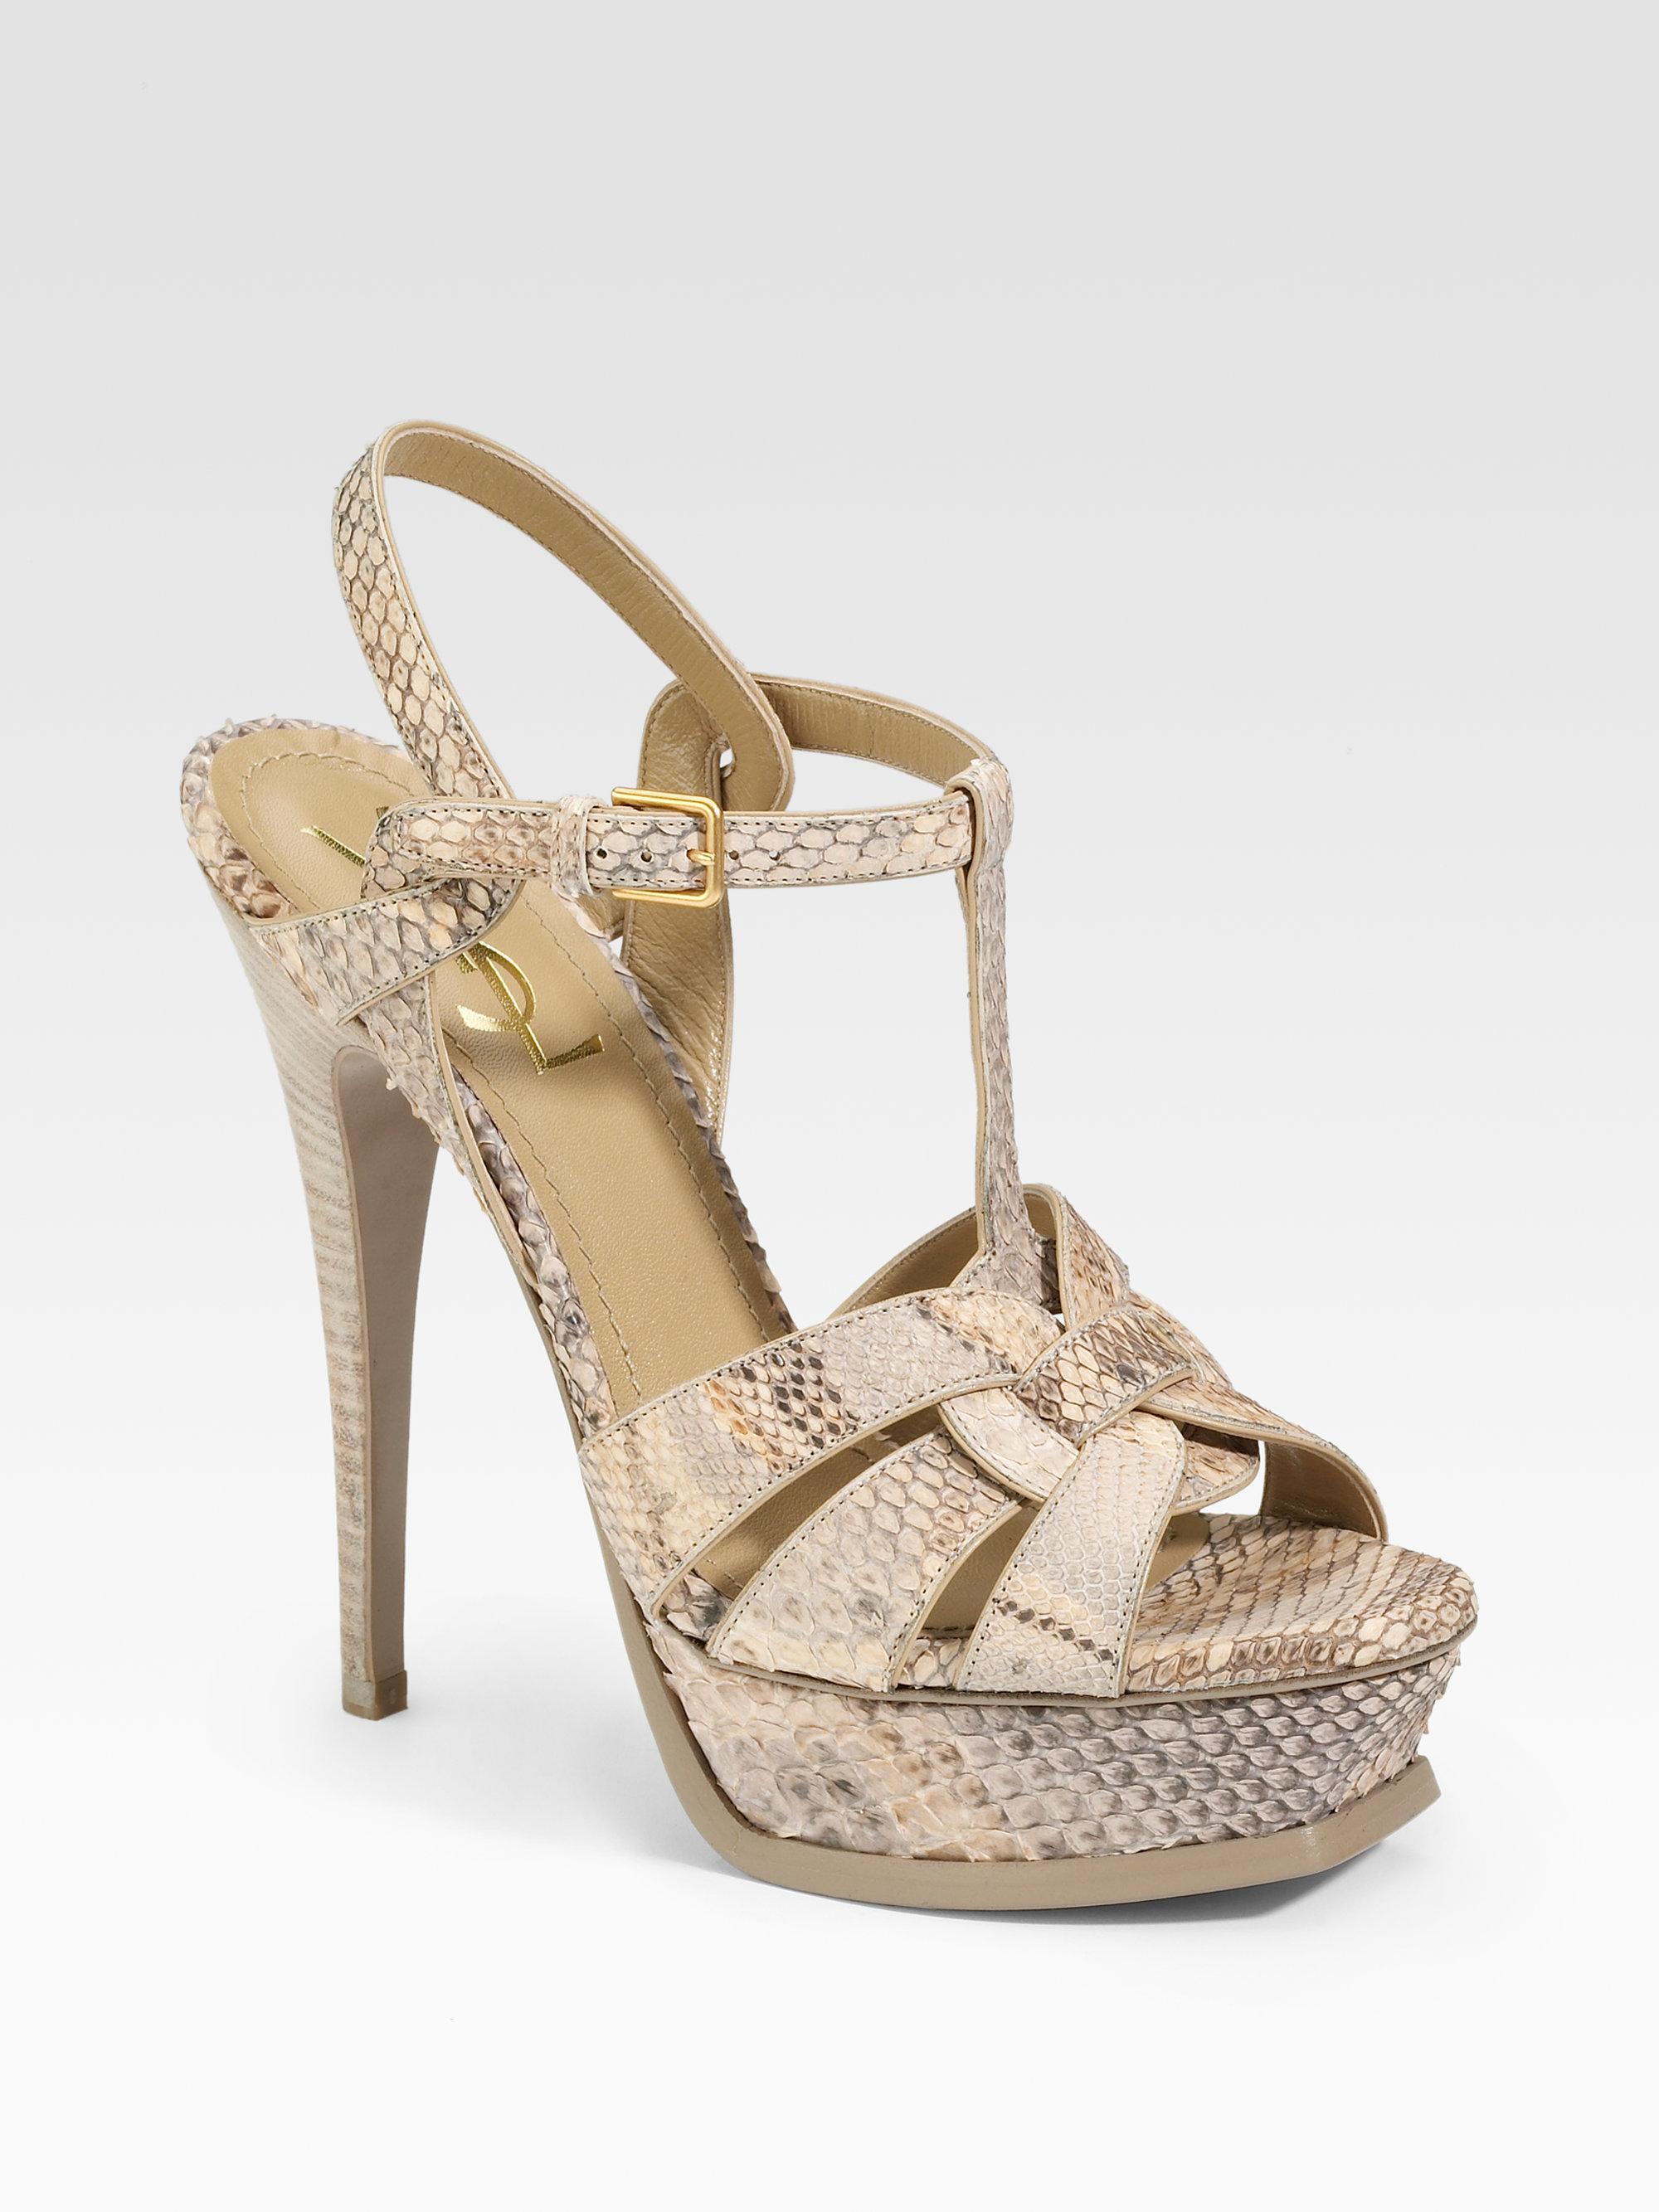 c3561456a5 yves saint laurent tribute python sandals